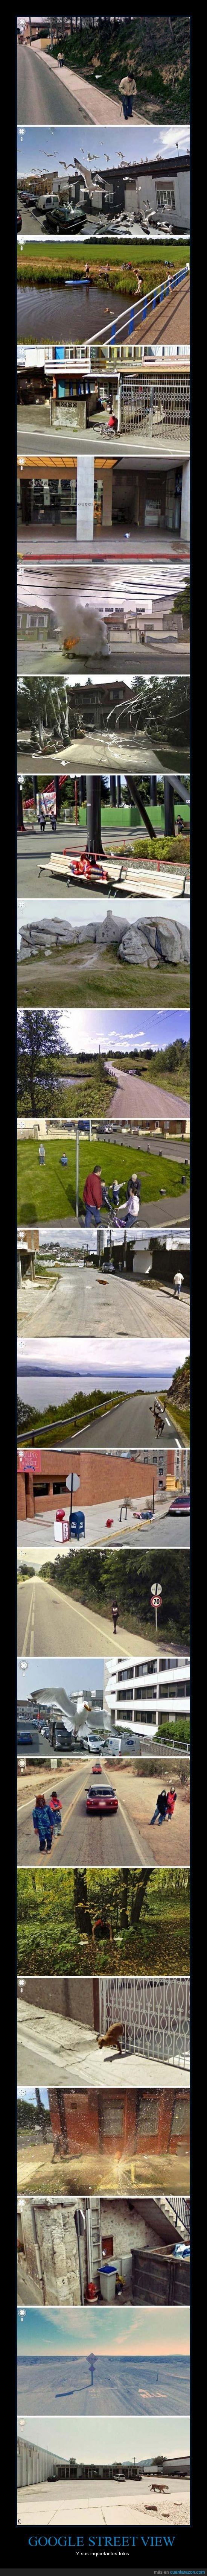 fotos,google street view,imágenes,inquietantes,raras,WTF?!